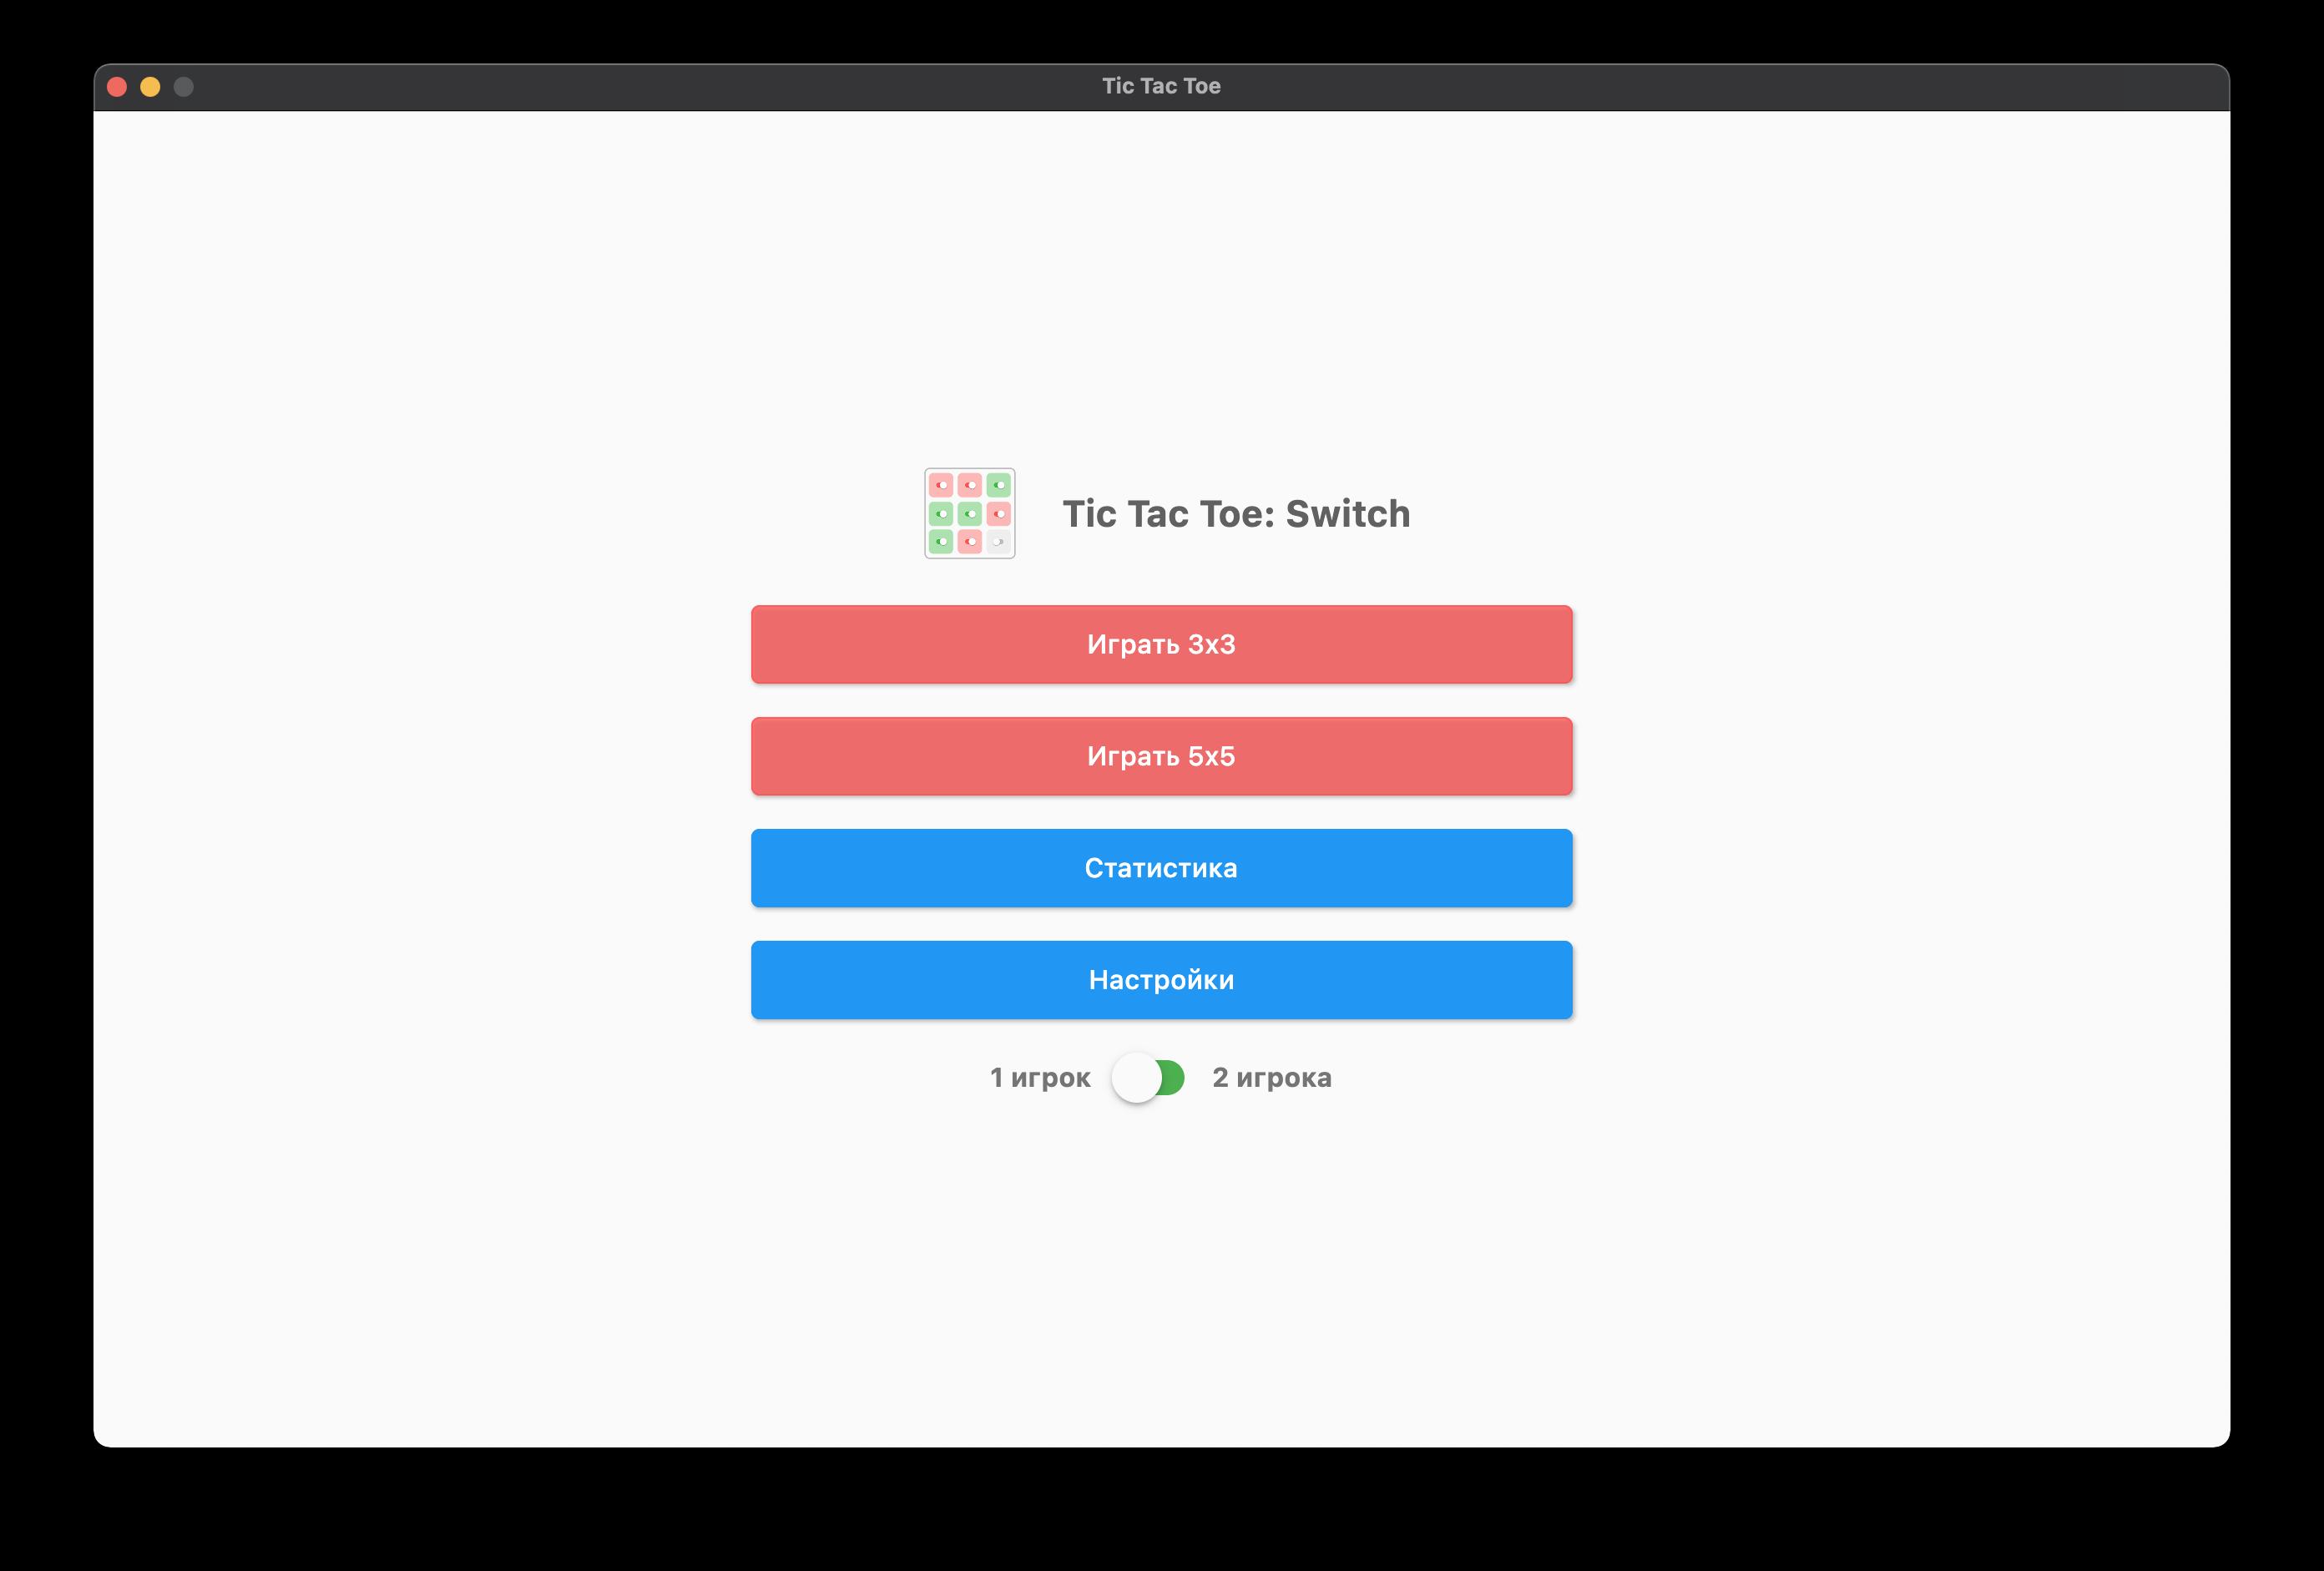 Дизайн игры Tic Tac Toe: Switch для Mac OS